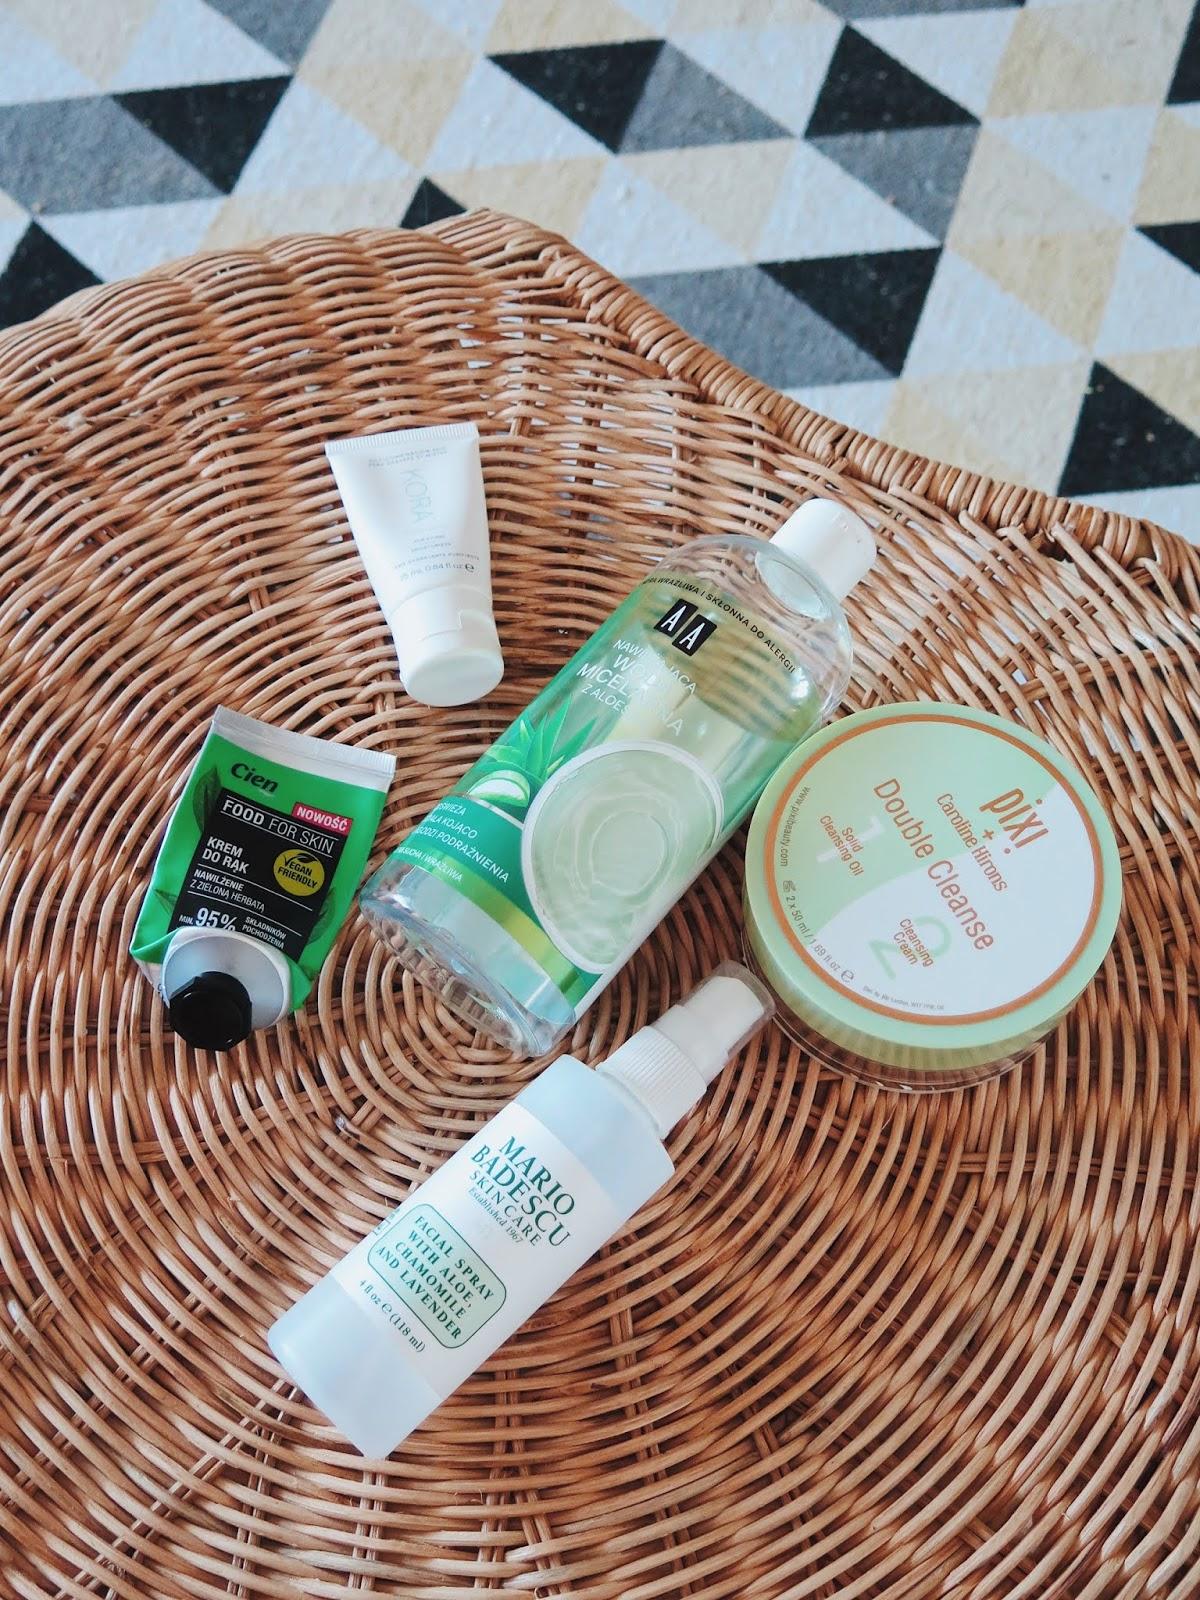 DENKO | Zużycia sierpnia i lipca - Catrice, The Body Shop, Mario Badescu